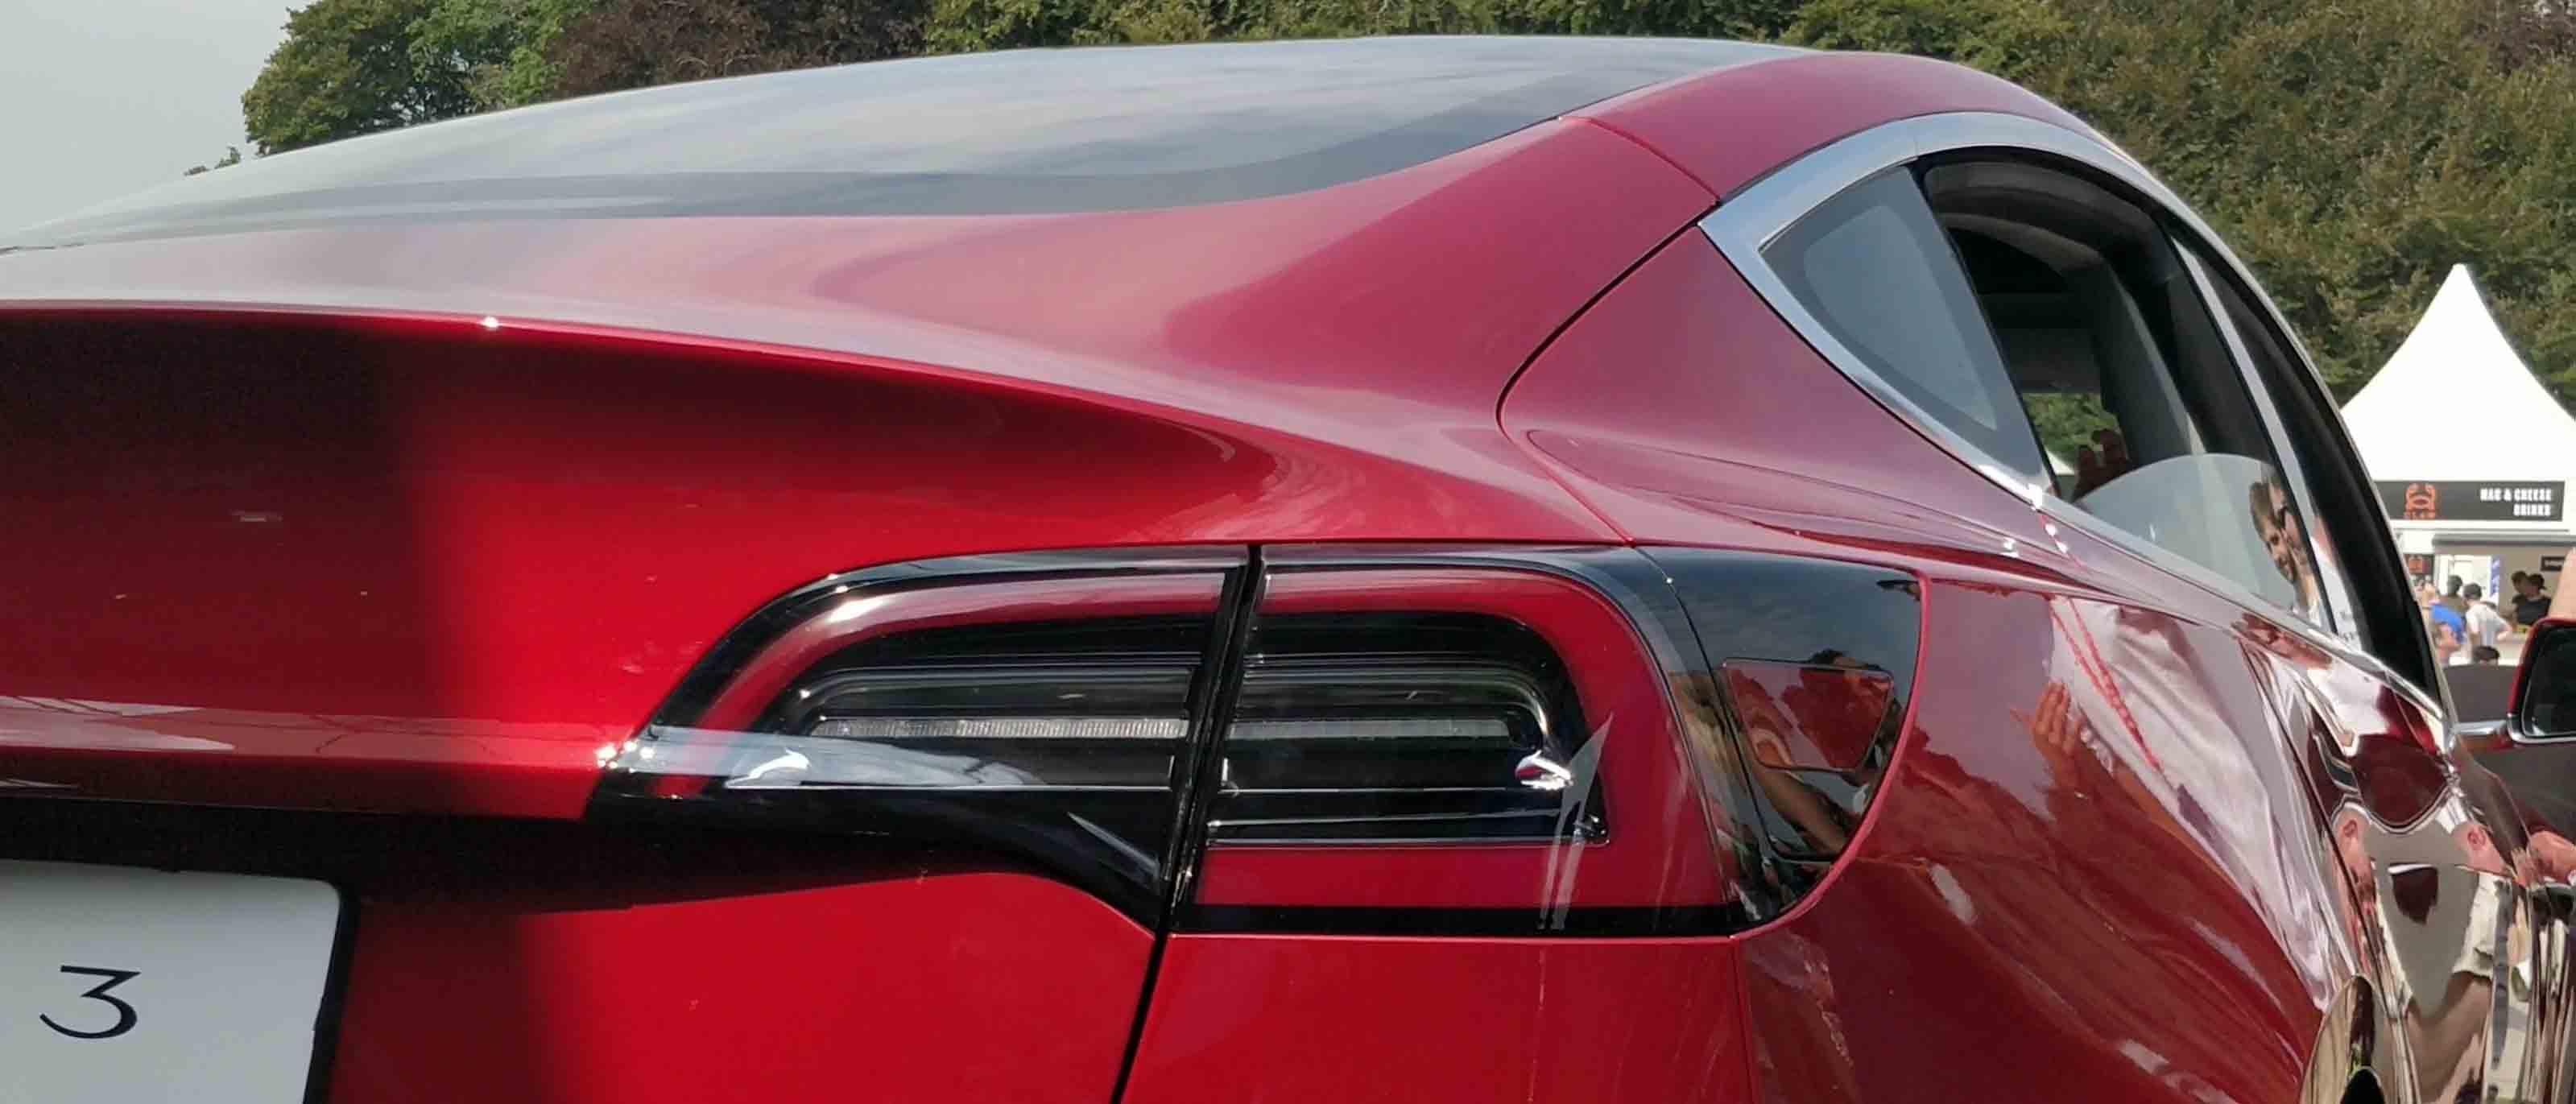 Preischeck — Tesla Model 3 günstiger als eine Mercedes-Benz C-Klasse